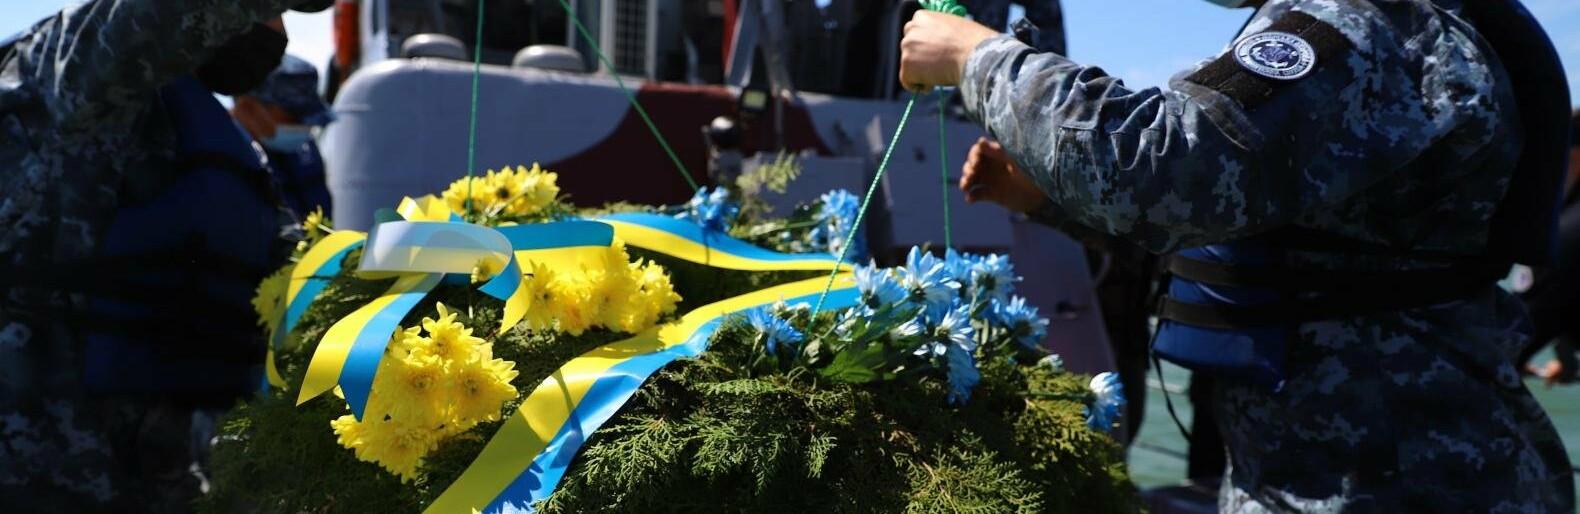 В Бердянском заливе на месте гибели морского десанта военные спустили на воду венок, - ФОТО